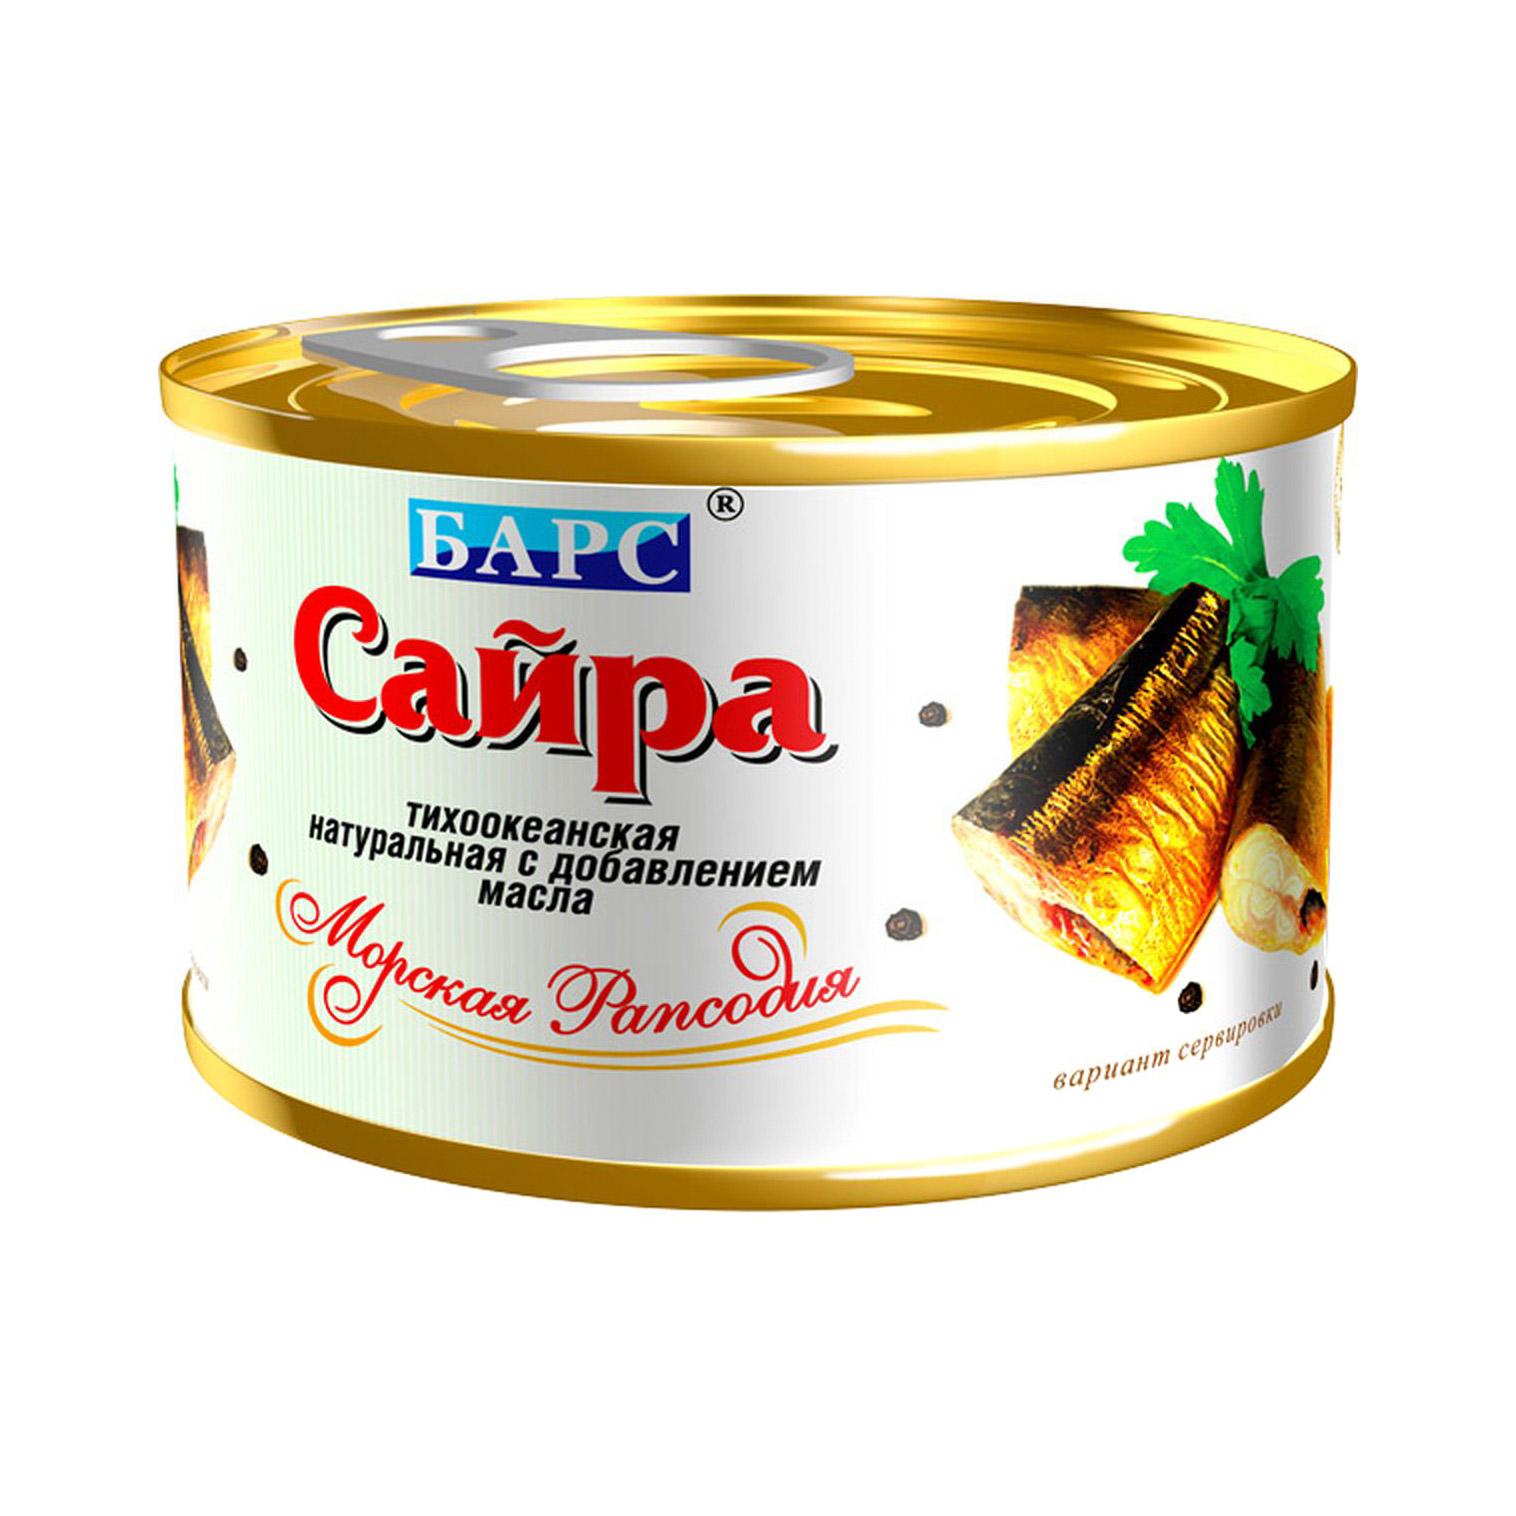 Сайра Барс с добавлением масла 250 г барс сайра тихоокеанская натуральная с добавлением масла 250 г